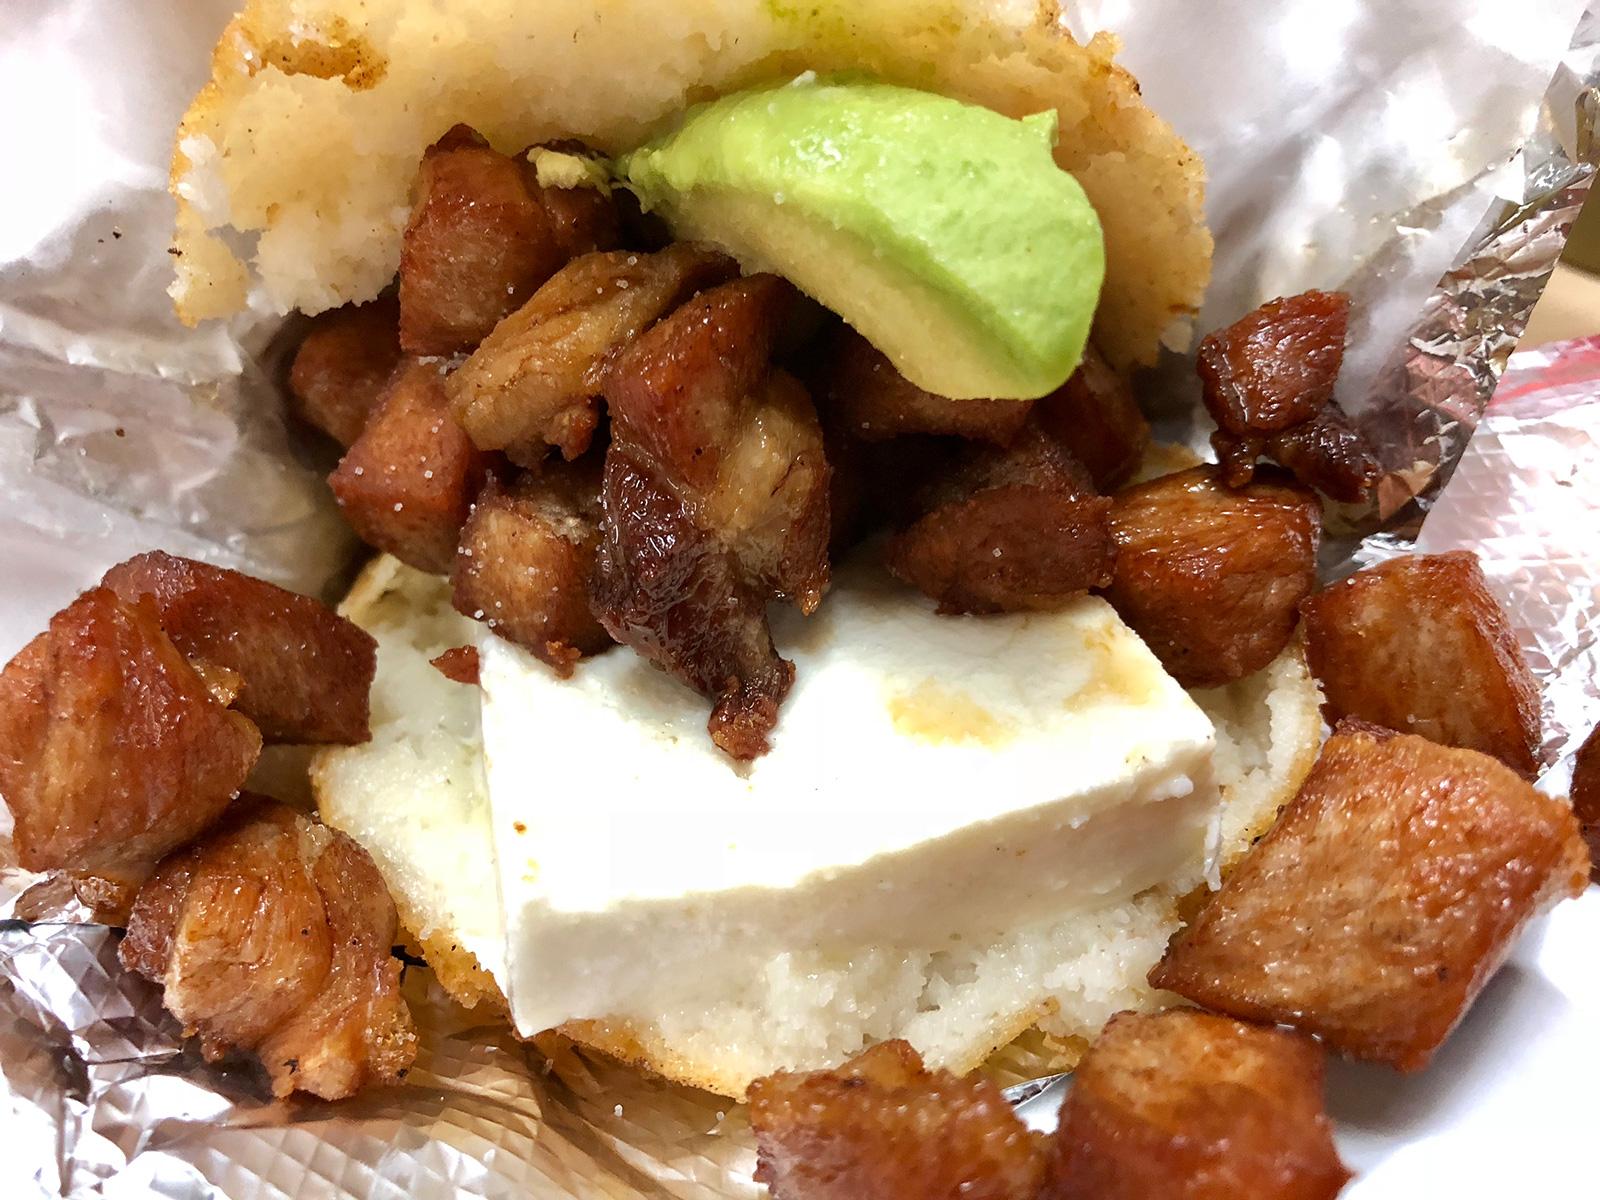 Junquito arepa from Dona Arepa